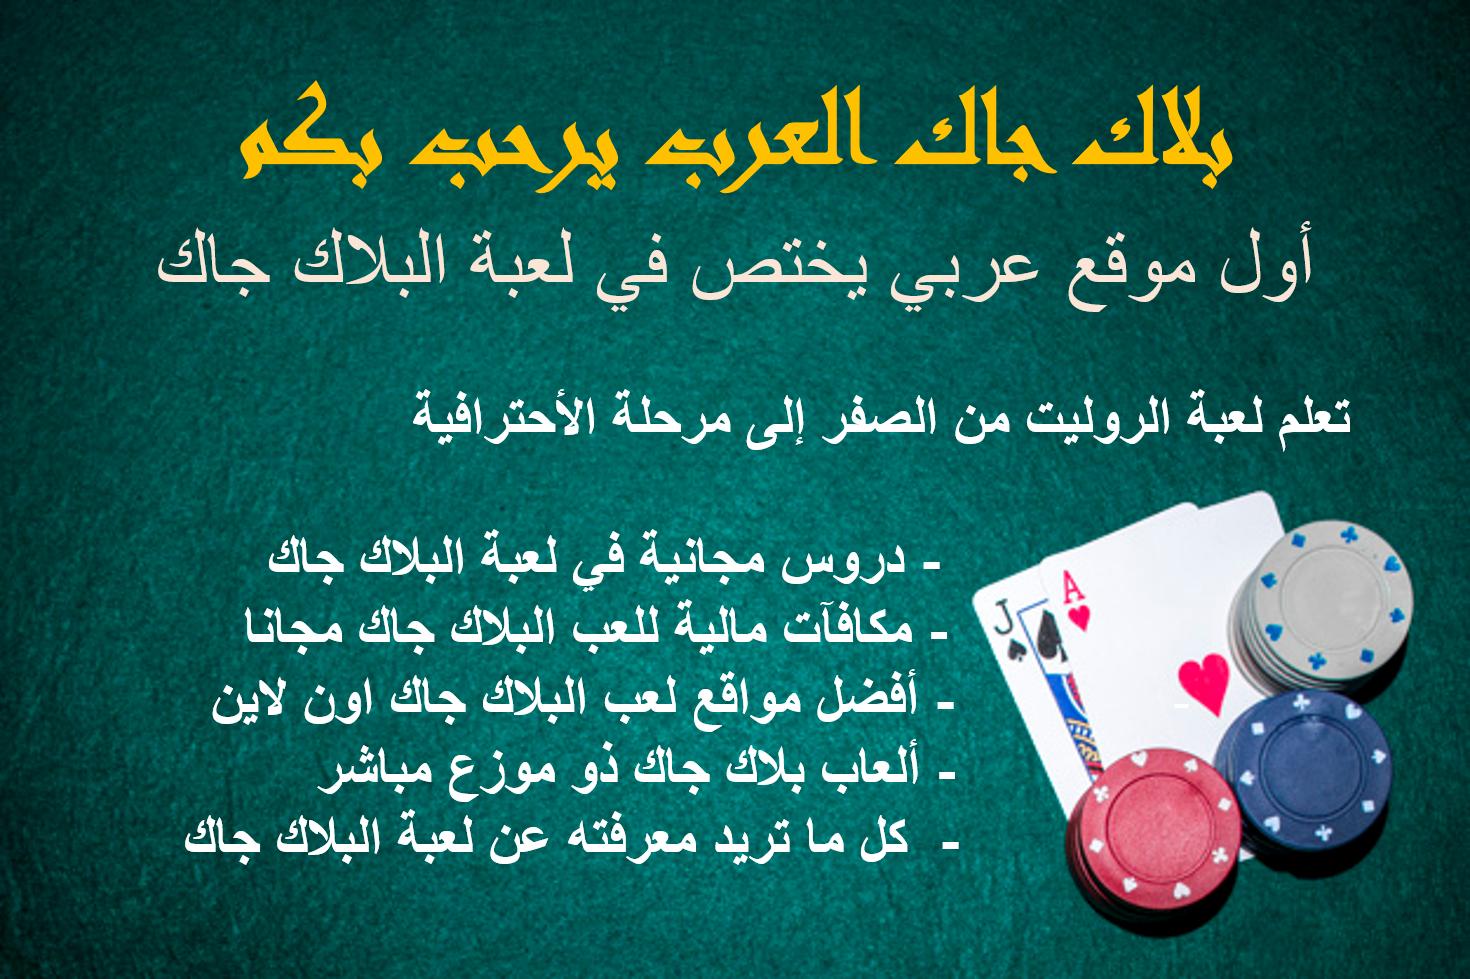 لعبة القمار ورق - 17709